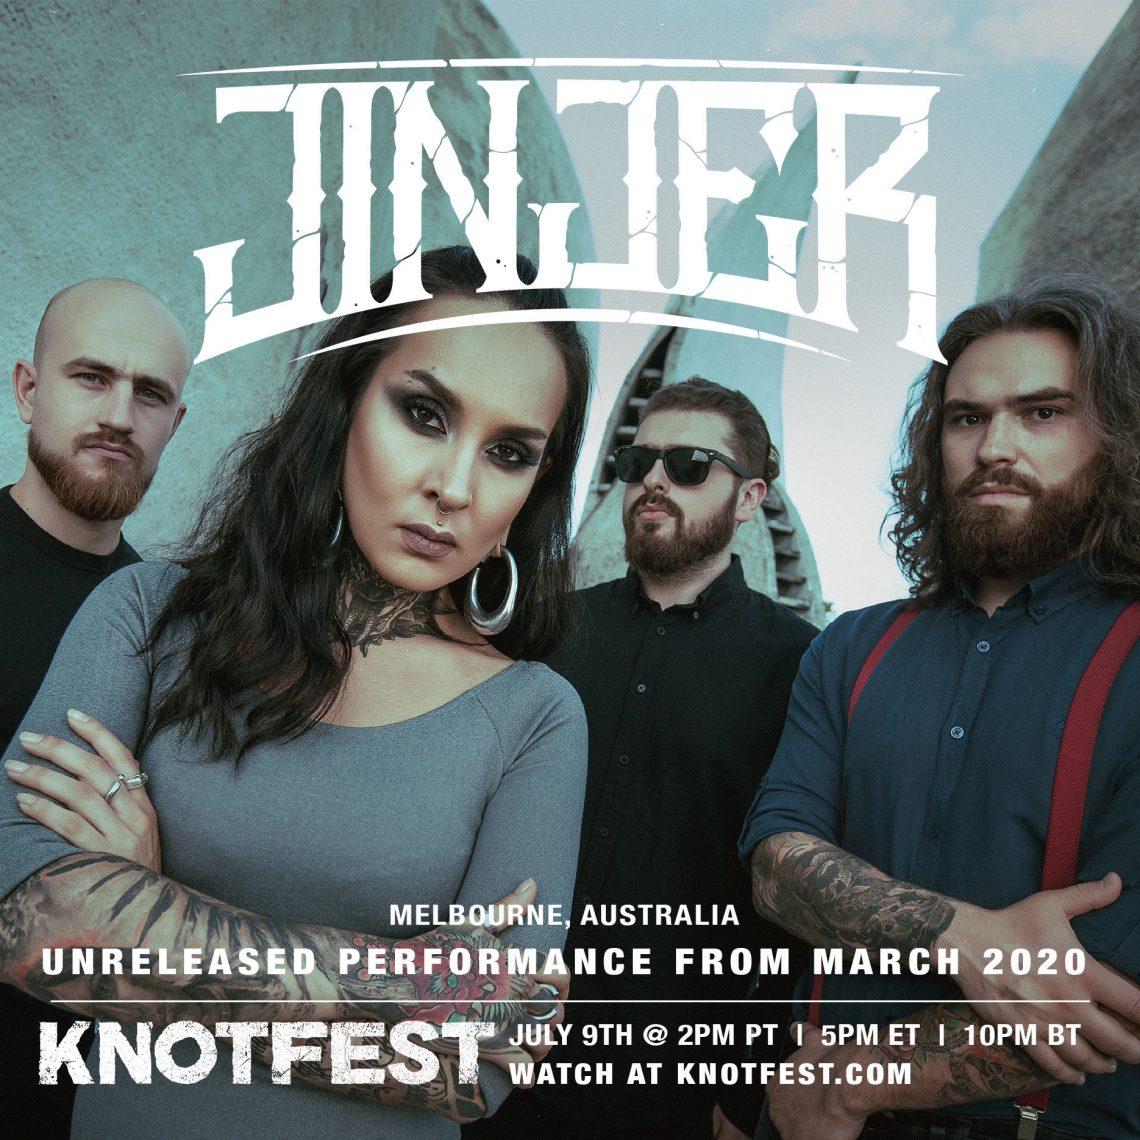 JINJER To Stream Melbourne Show On Thursday Via Knotfest.com